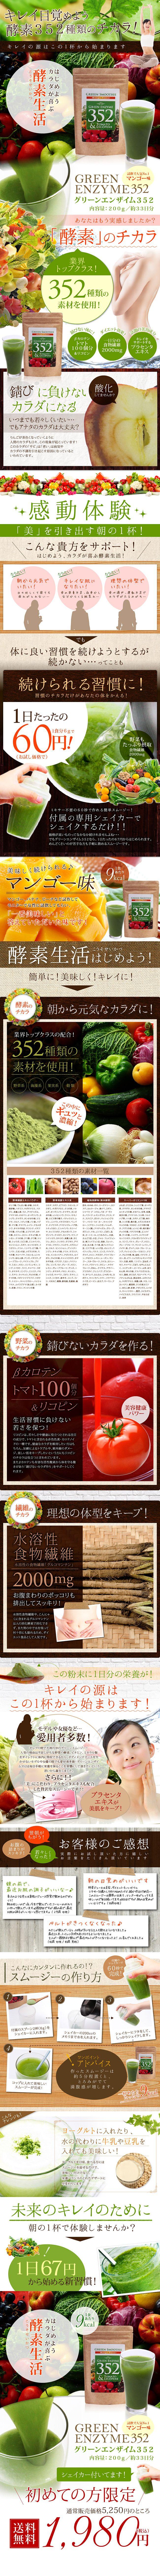 ランディングページ(LP)制作実績。のより制作依頼を受け、美容・健康・医療品の商品ページをデザイン。LPOならランディングページ制作.jp